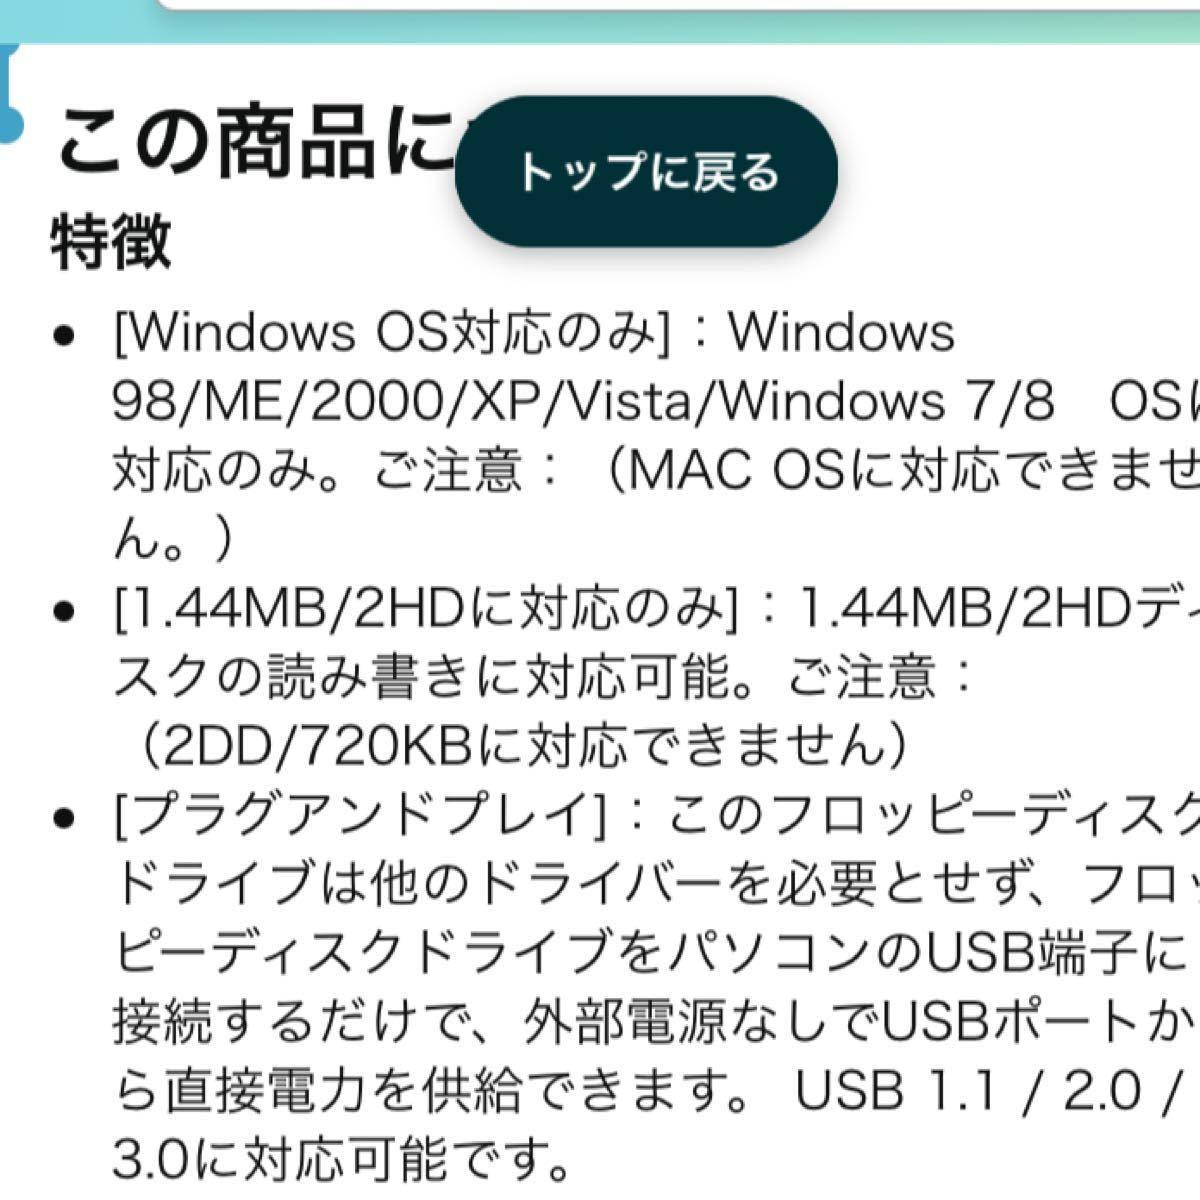 フロッピーディスクドライブusb外付け3.5インチ1.44MB FDD2HD読み書きに対応可windowsに対応プラグアンドプレイ